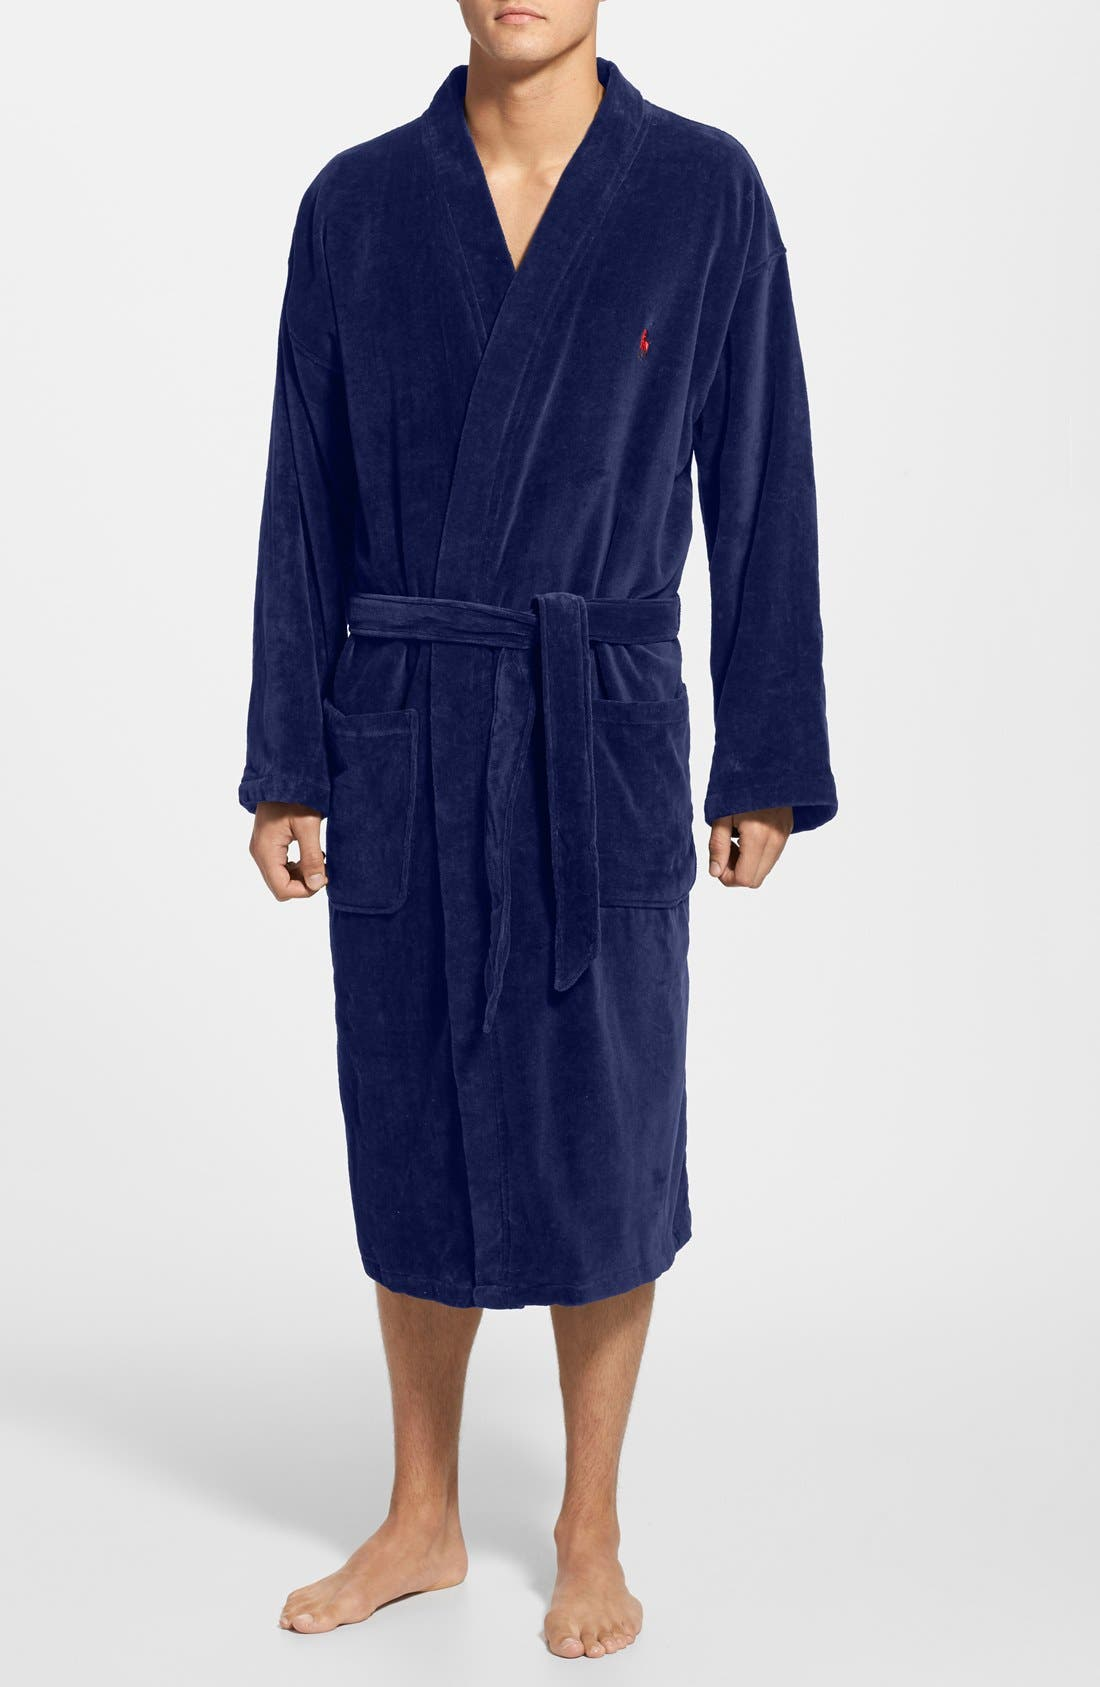 POLO RALPH LAUREN Cotton Fleece Robe, Main, color, NAVY